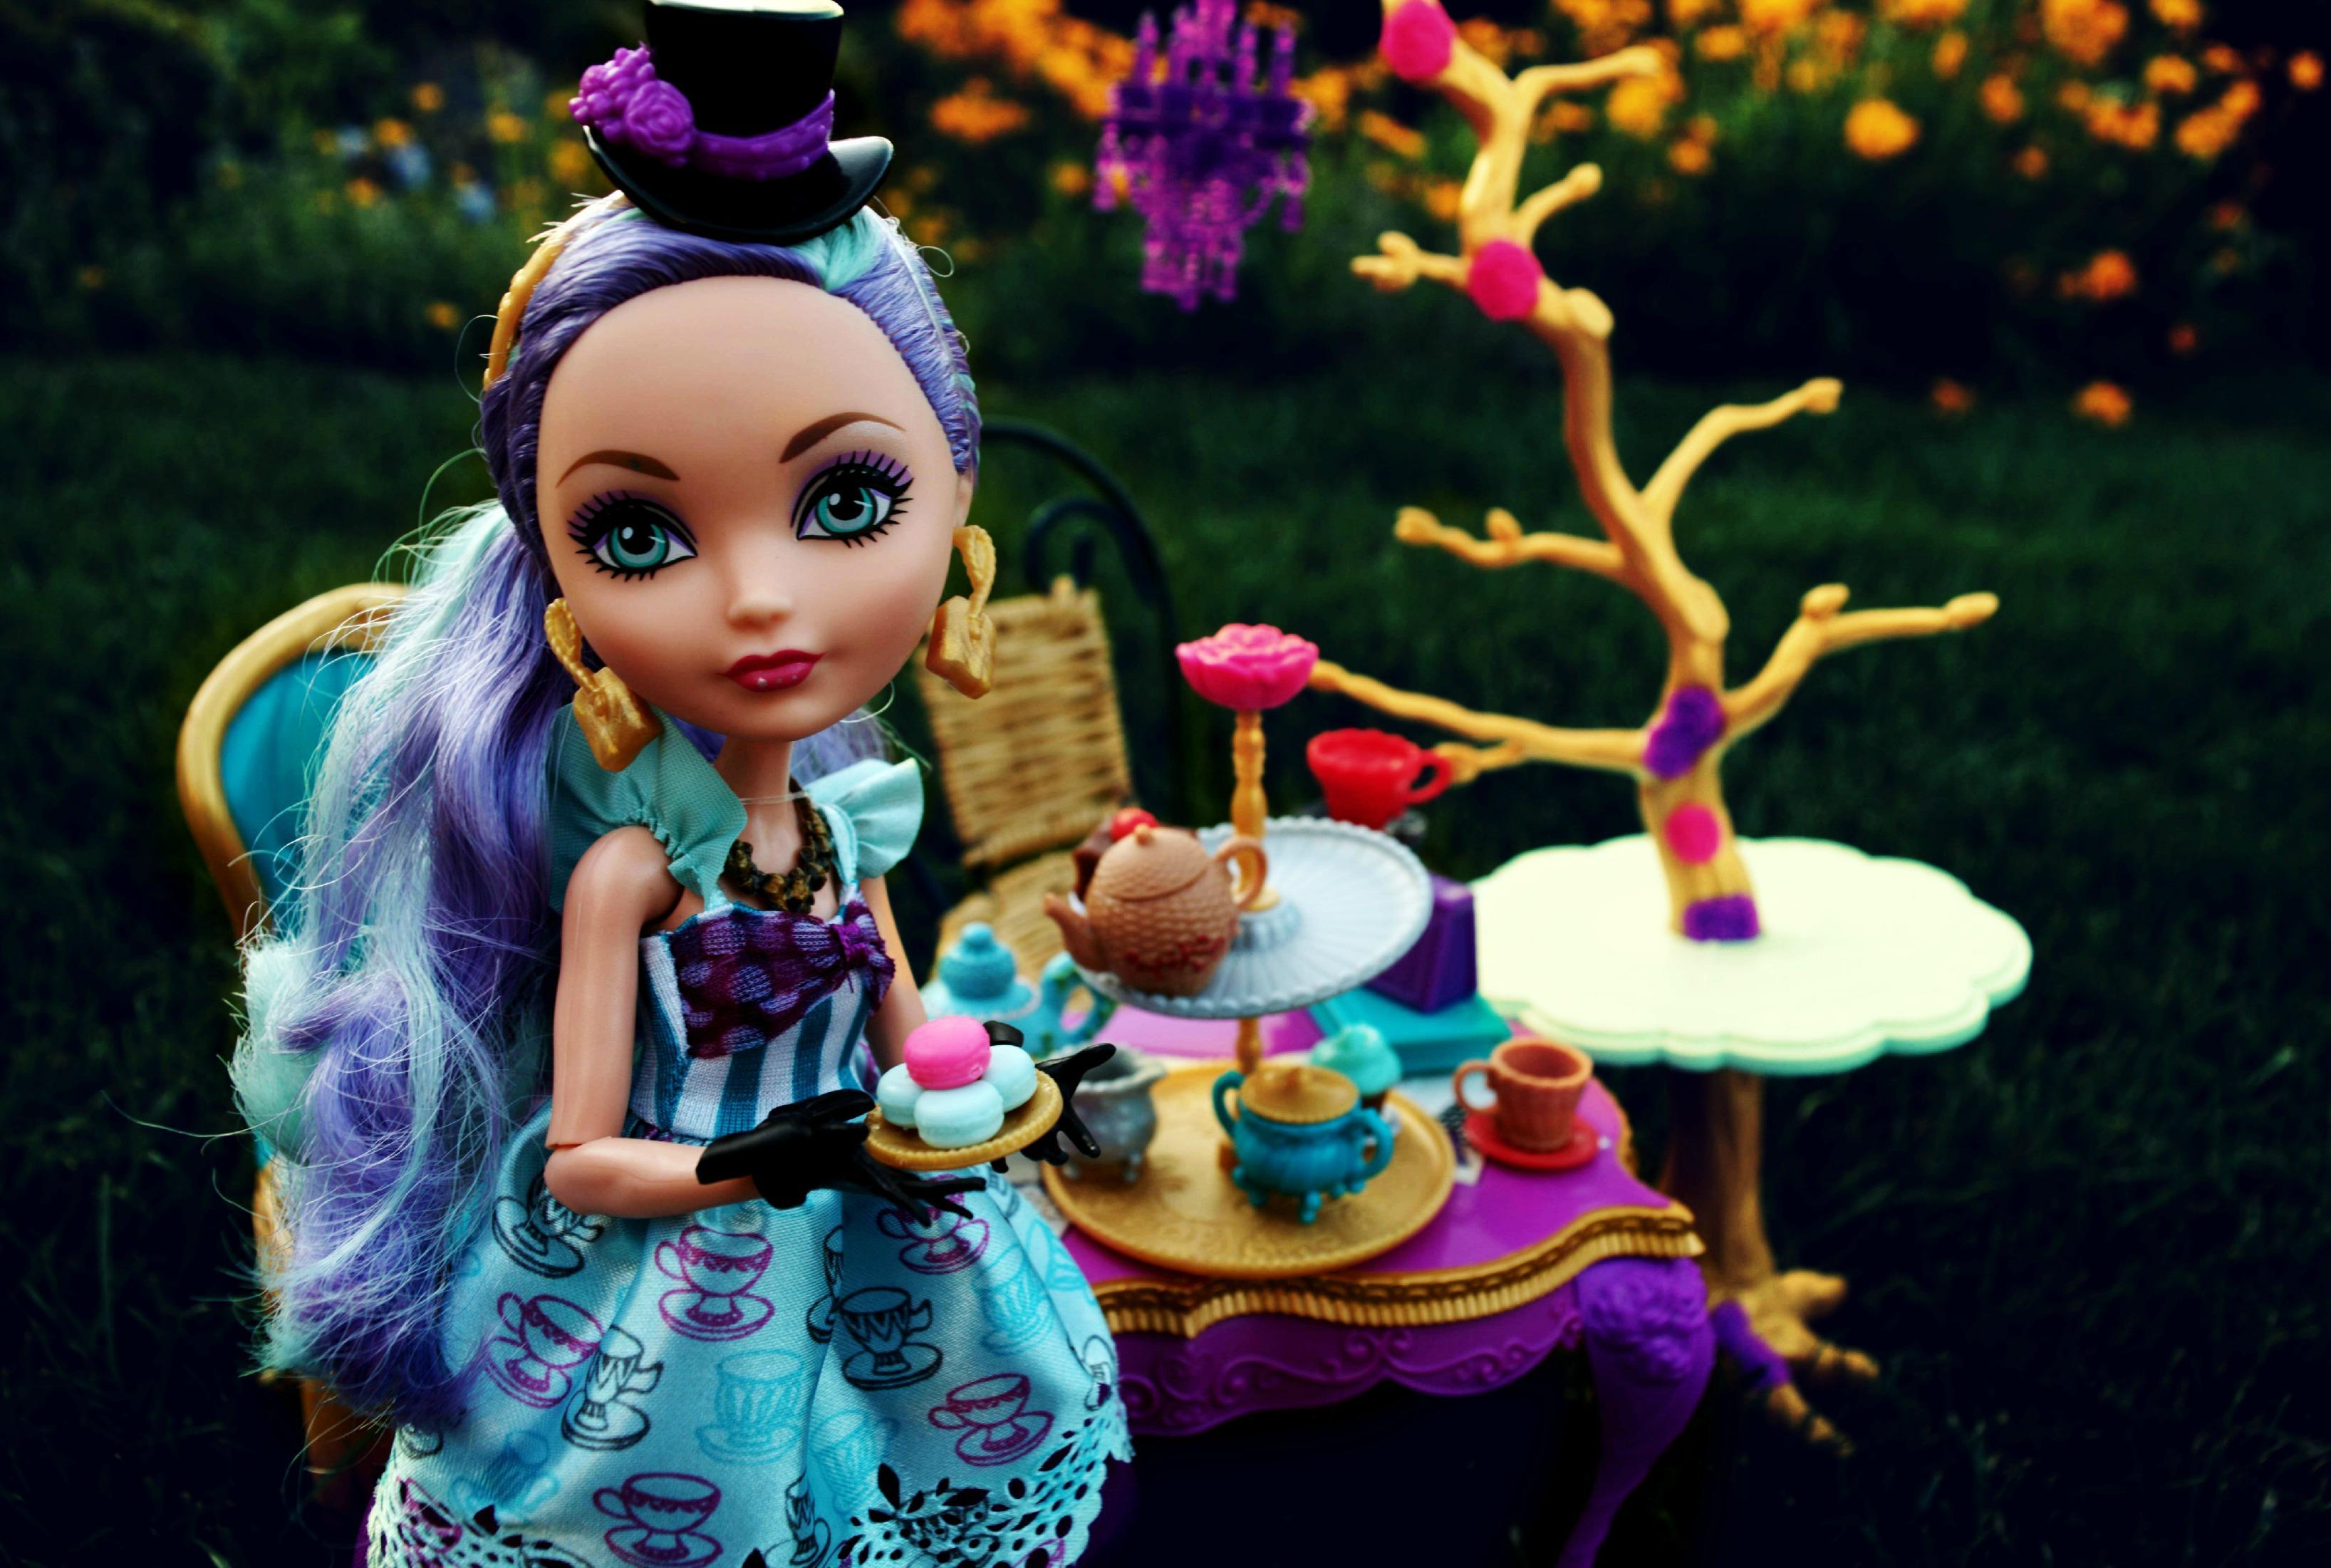 кукла эвер афтер хай мэделин шепелев